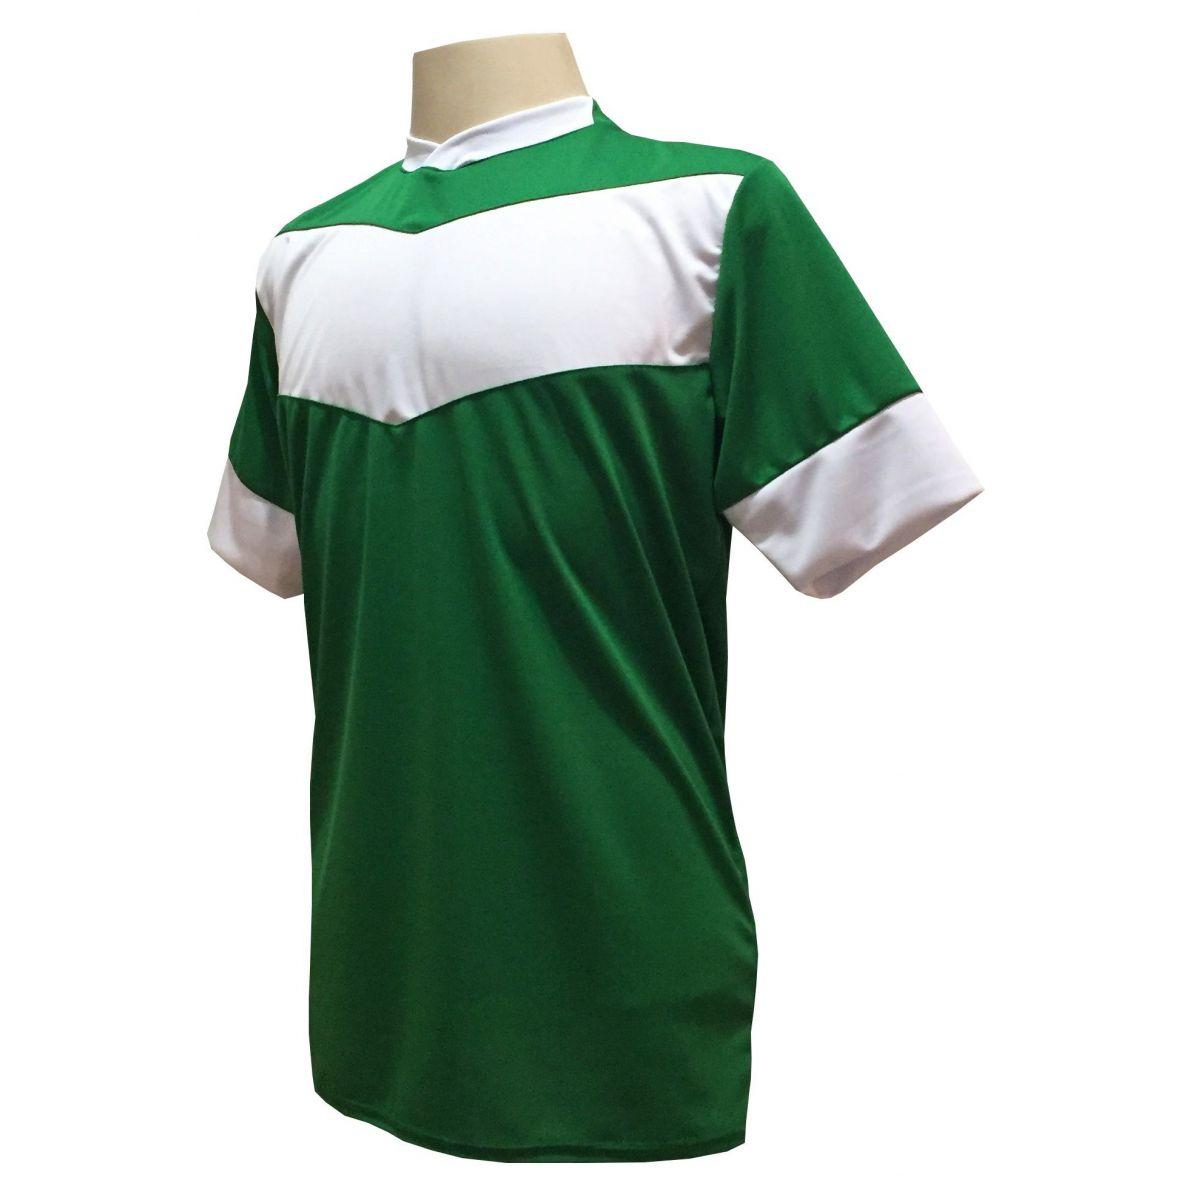 Uniforme Esportivo com 18 camisas modelo Columbus Verde/Branco + 18 calções modelo Madrid Branco + Brindes